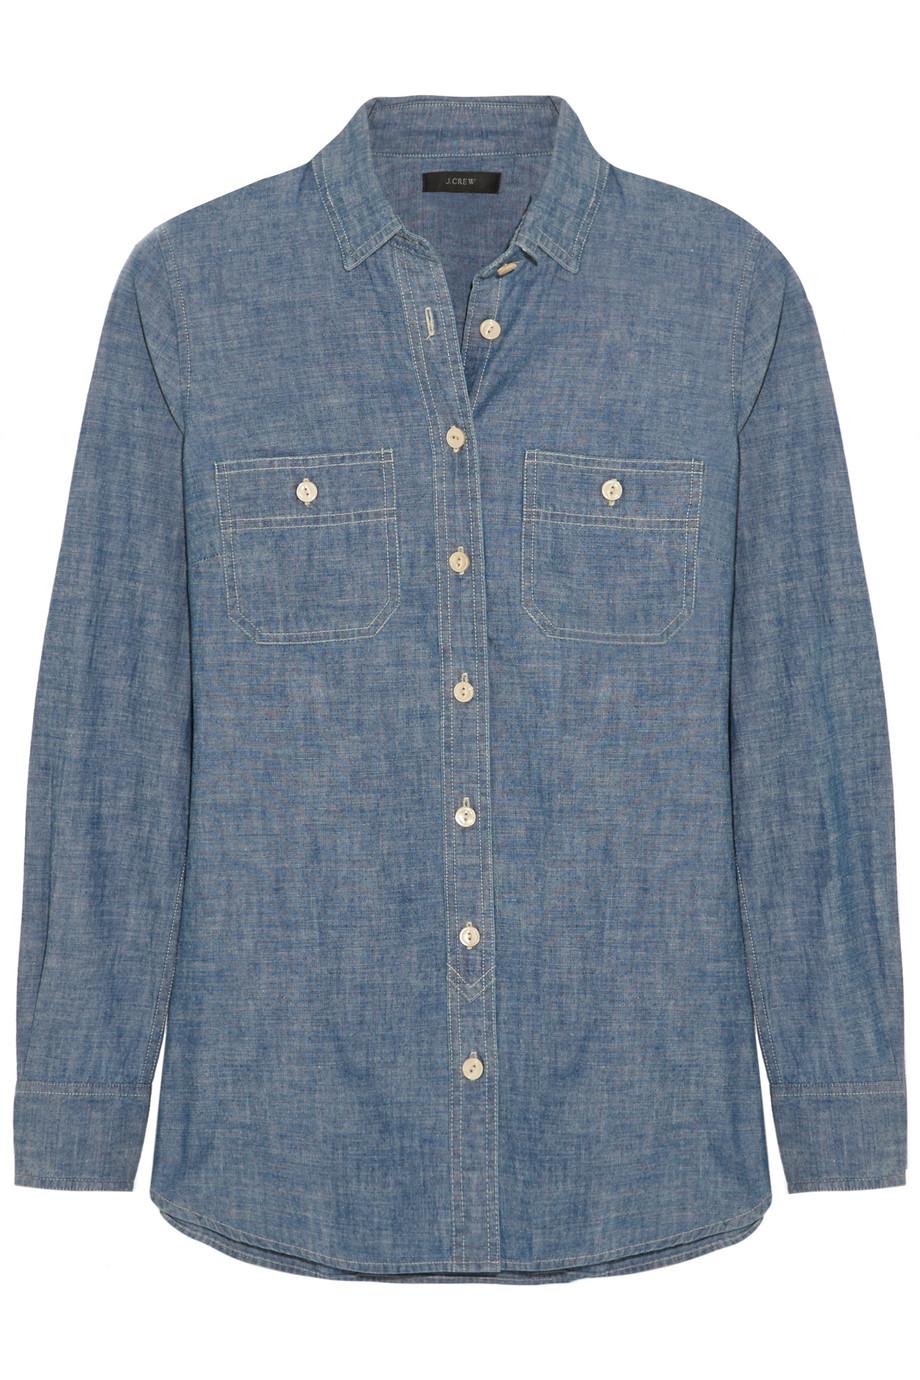 J.Crew Selvedge Cotton-Chambray Shirt, Blue, Women's, Size: 6